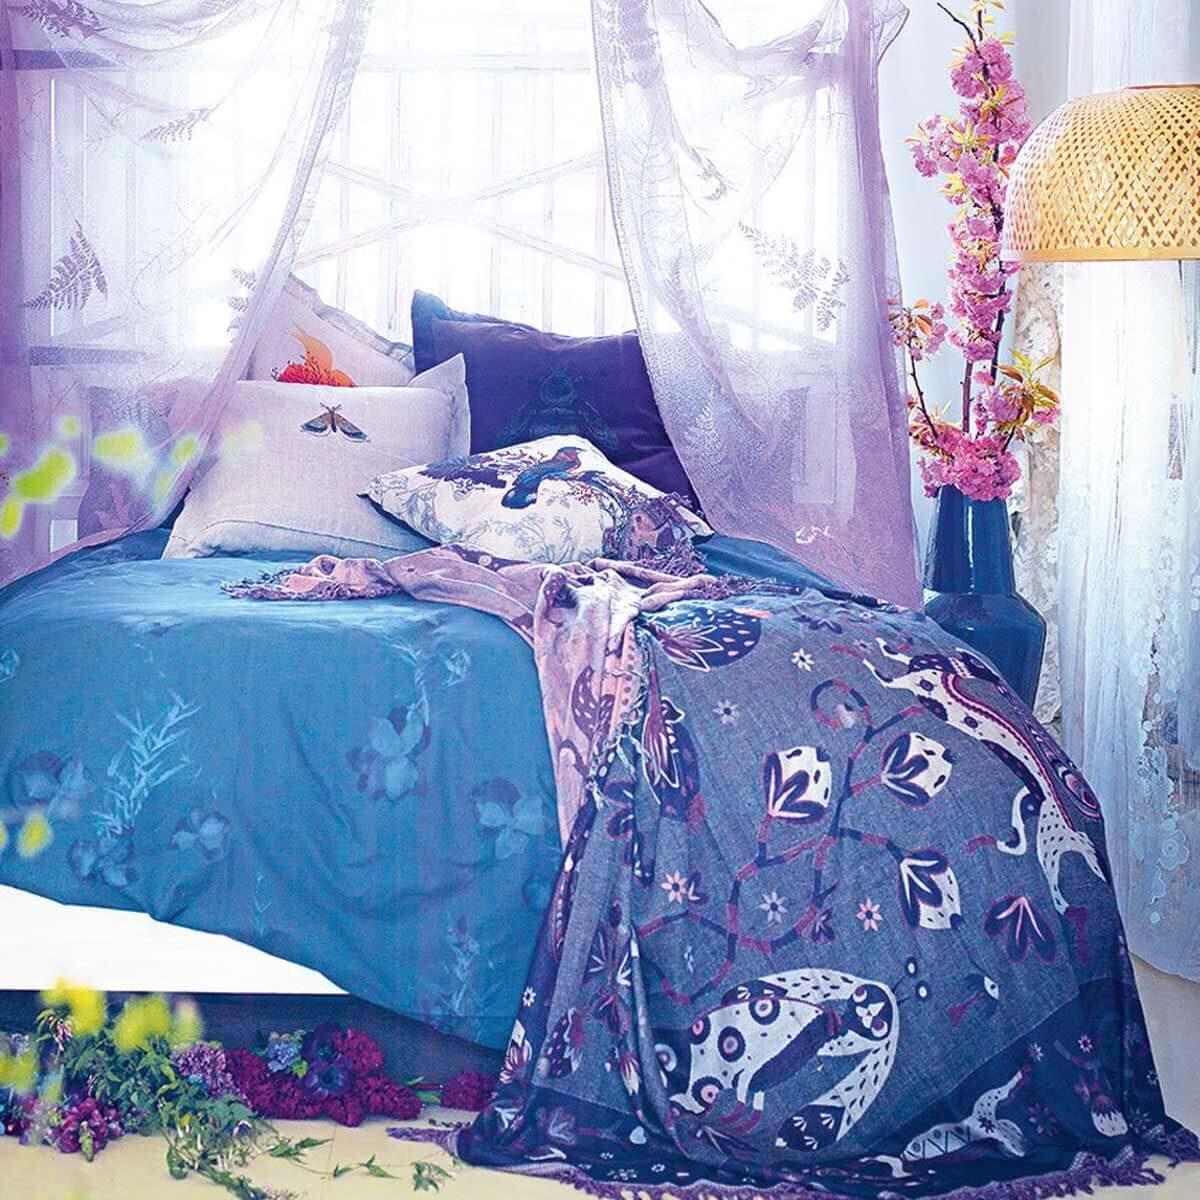 simon-bevan-purple-bedroom-boho